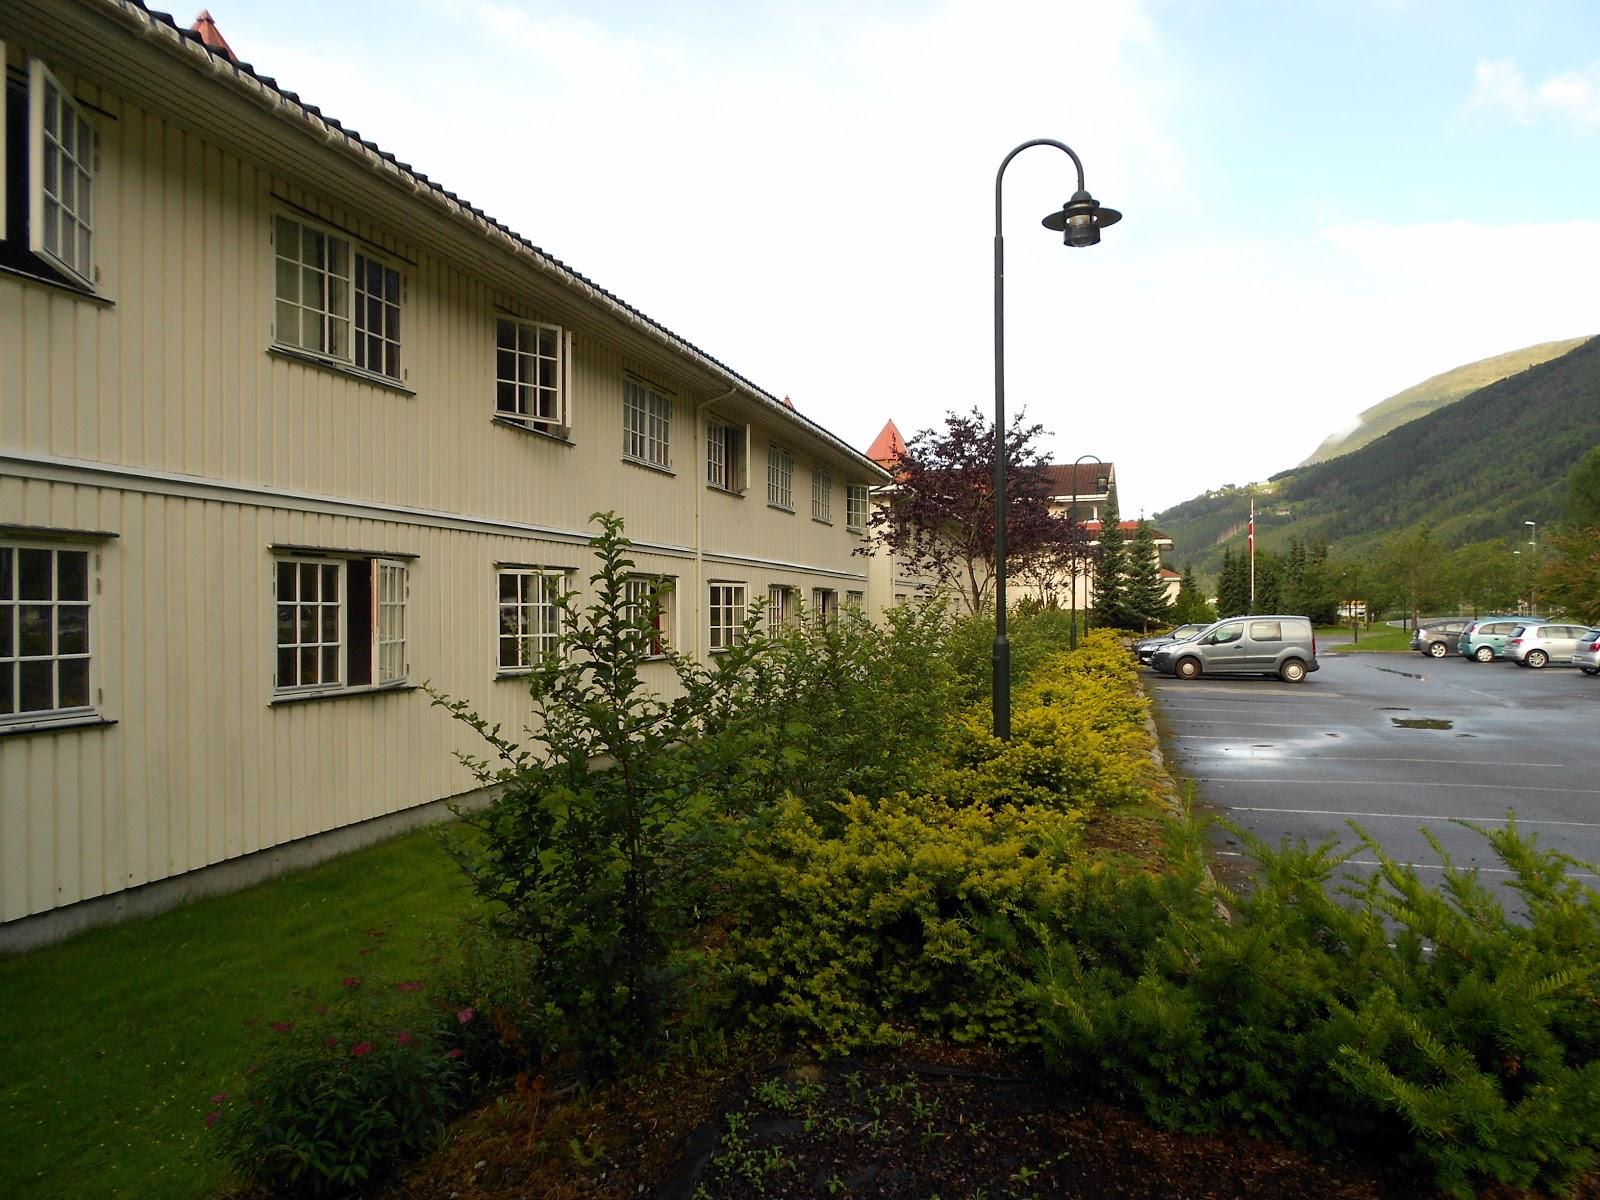 para que os hagais una idea el loenfjord hotel es uno de los hoteles elegidos como punto de parada de distintos circuitos como por ejemplo los del